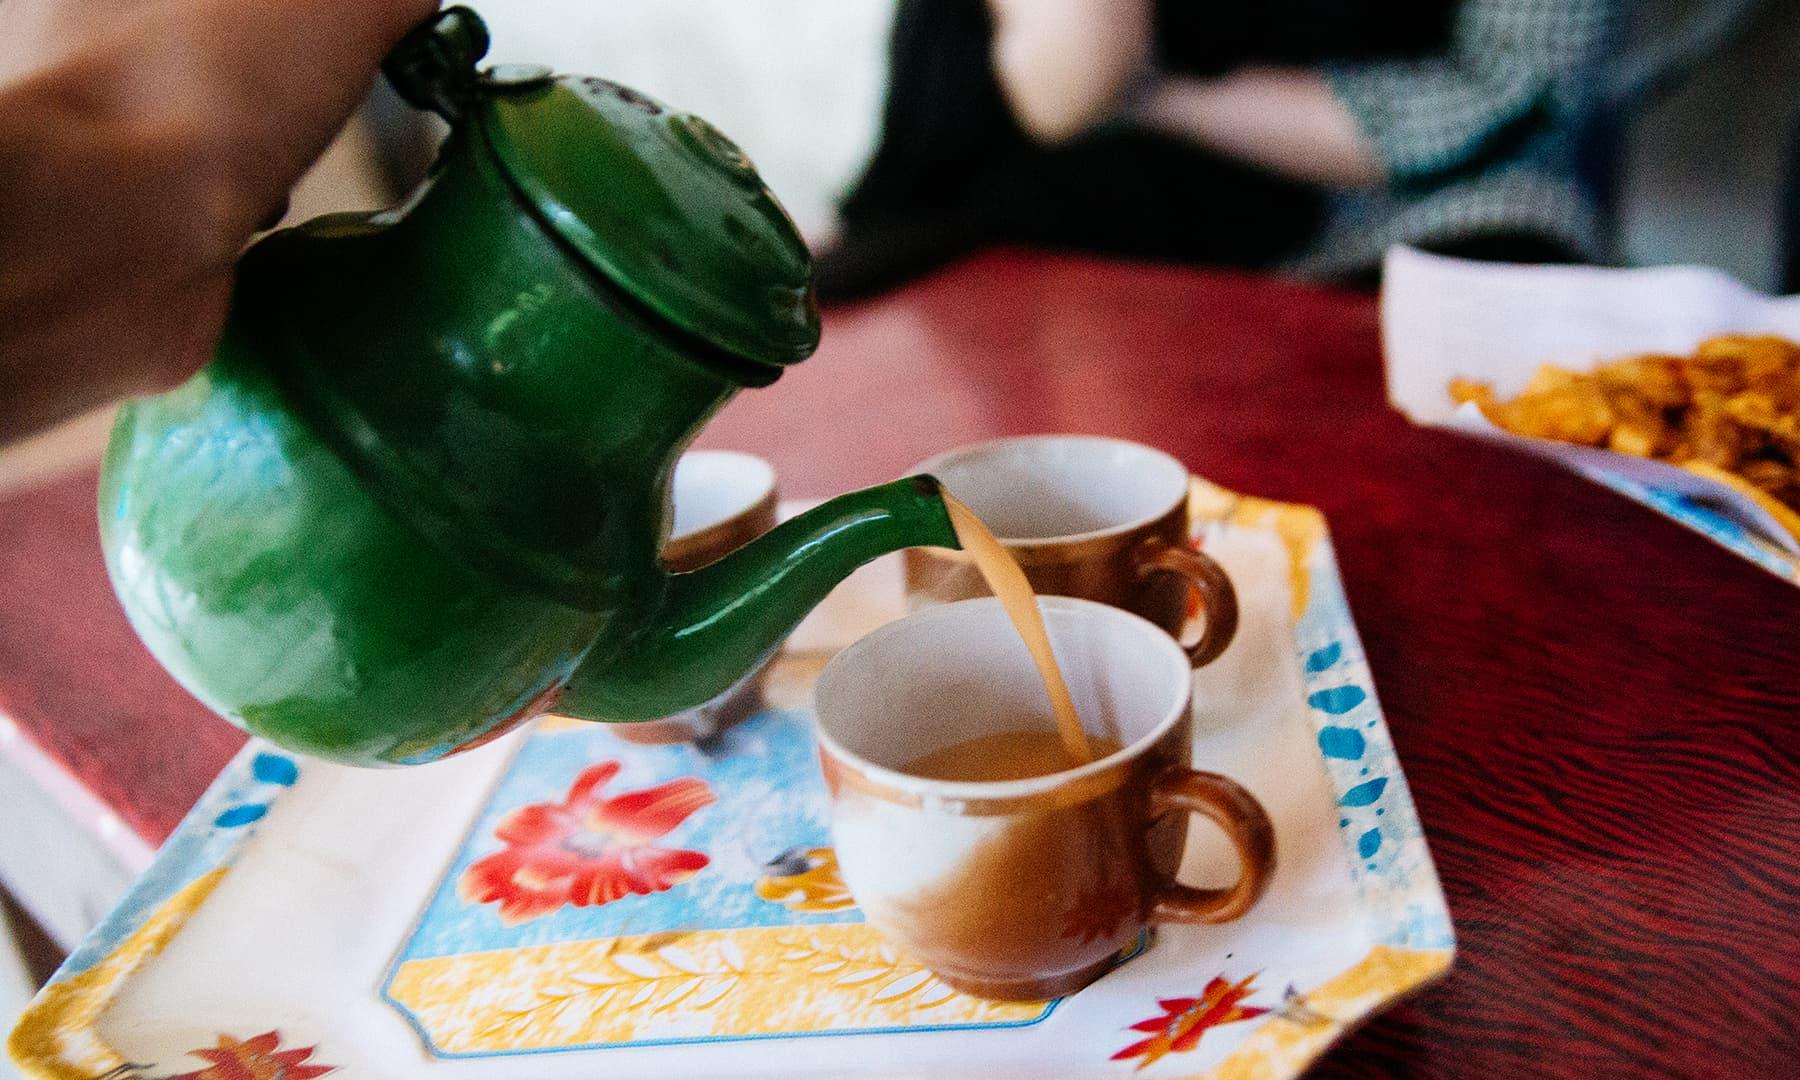 Chai at Keran. —Marvi Soomro